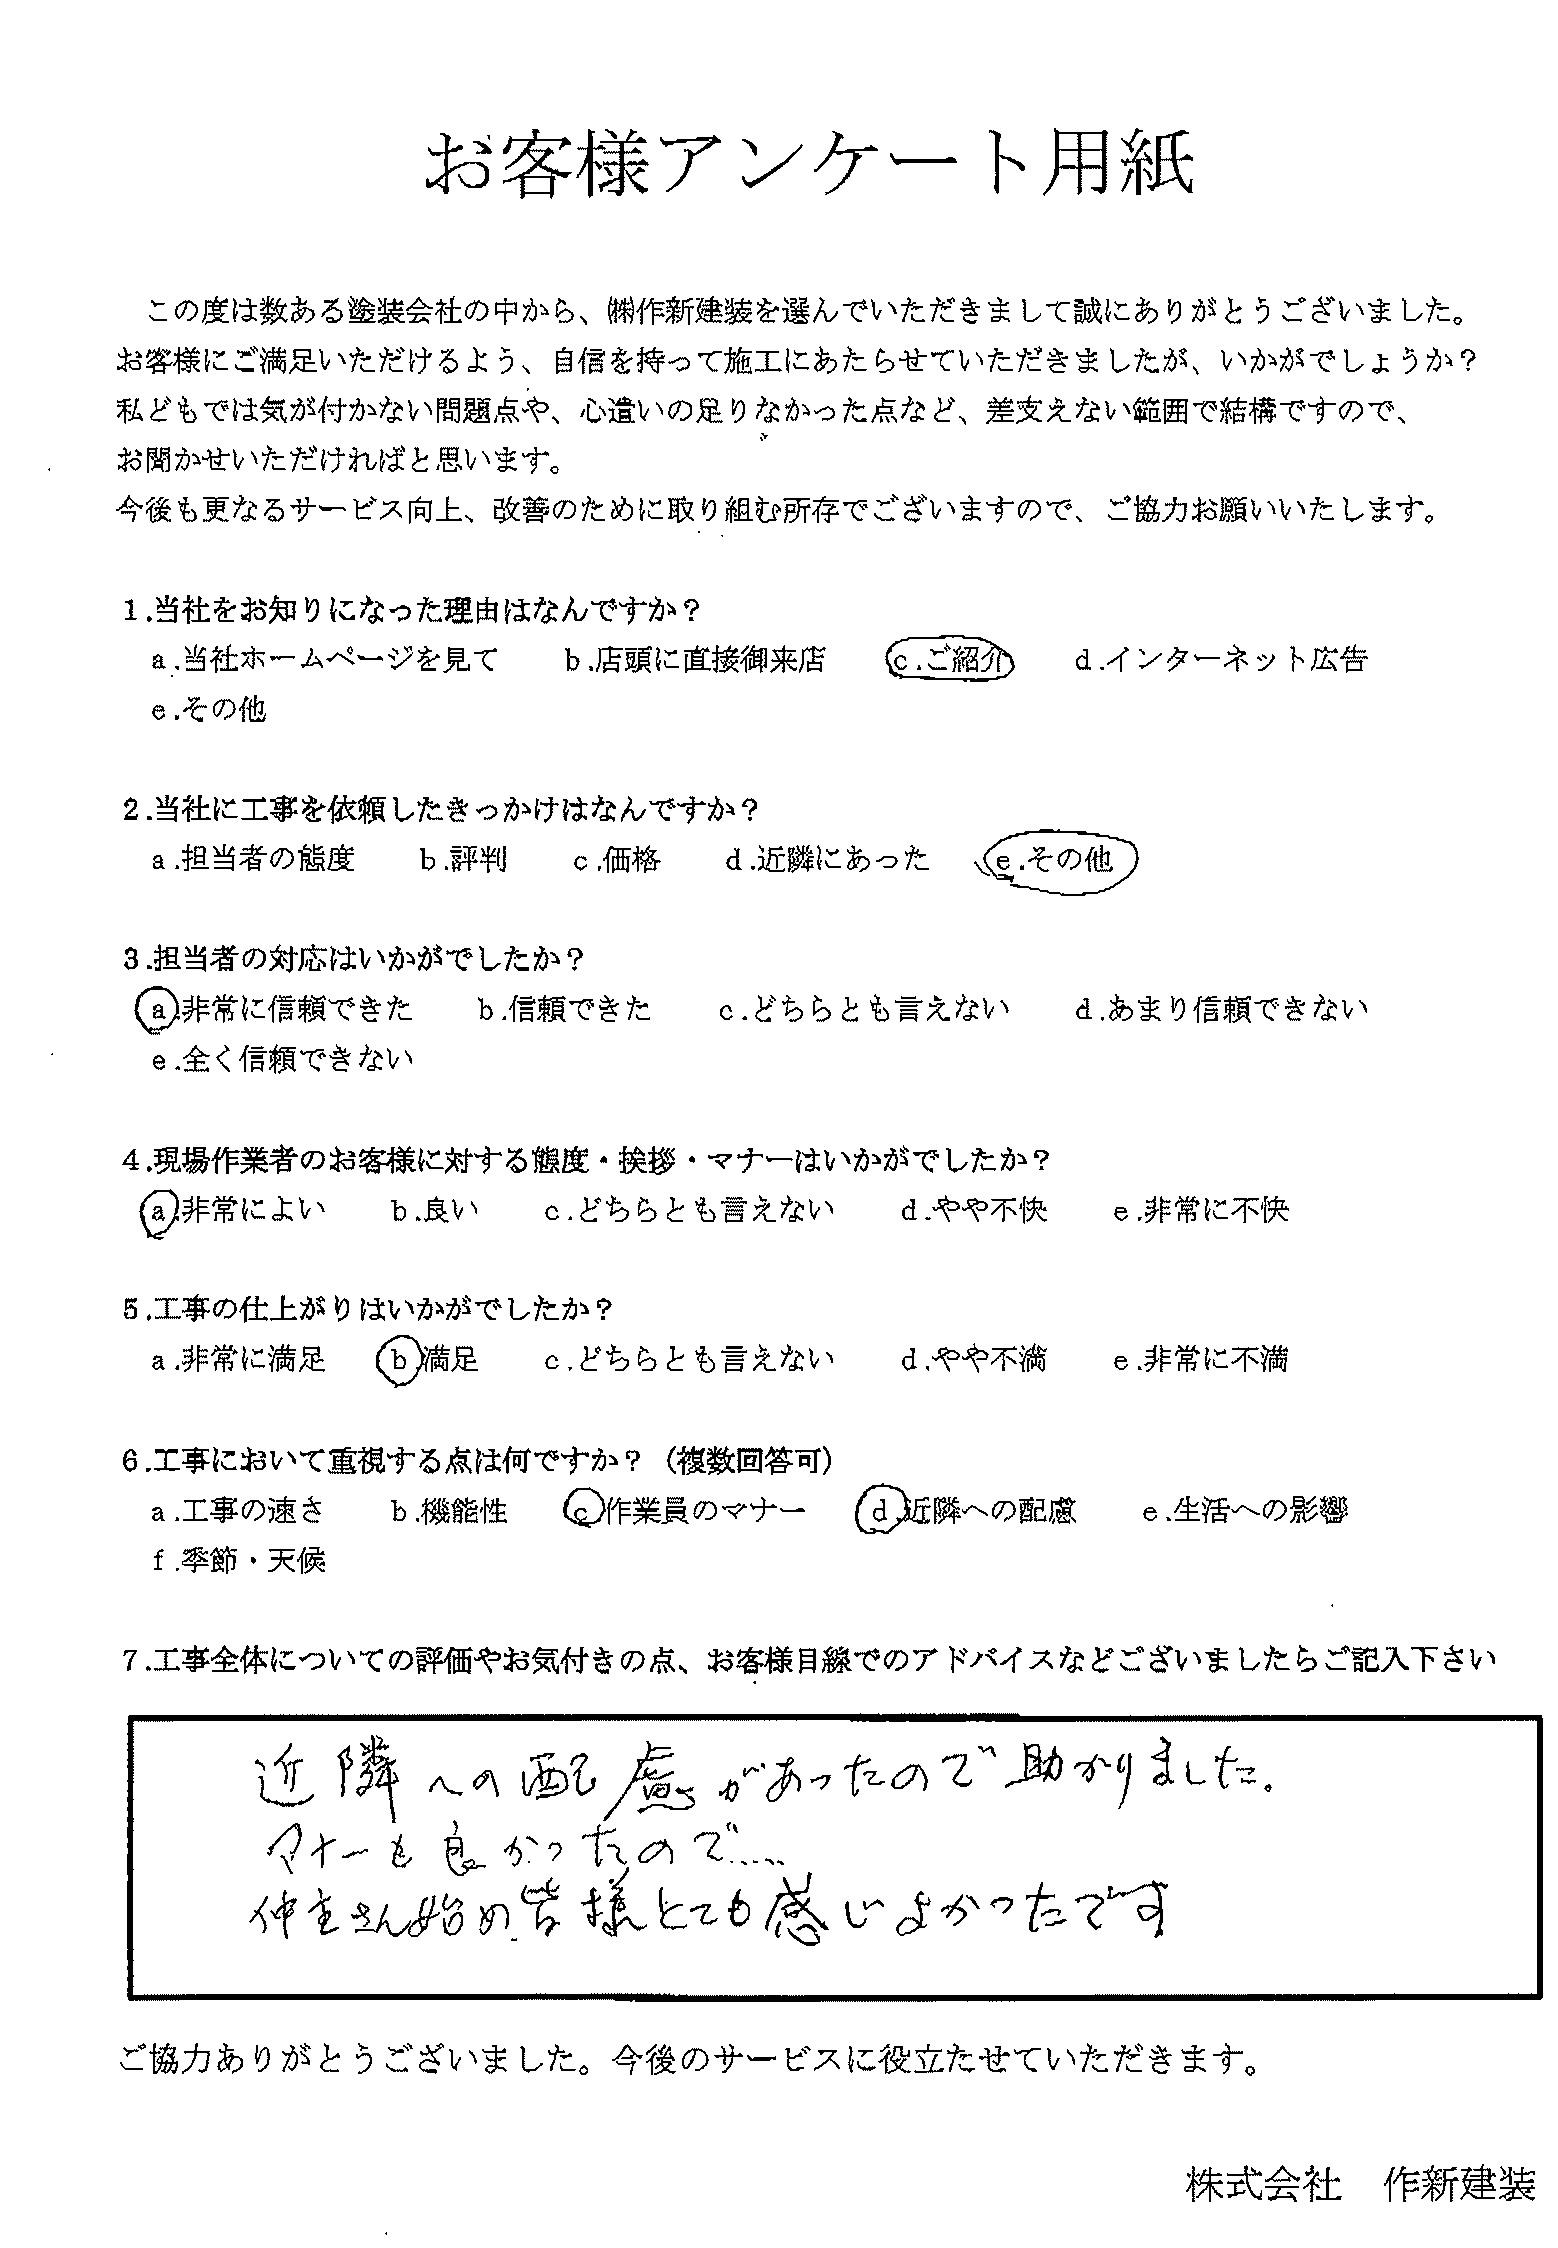 山崎様アンケート.jpg